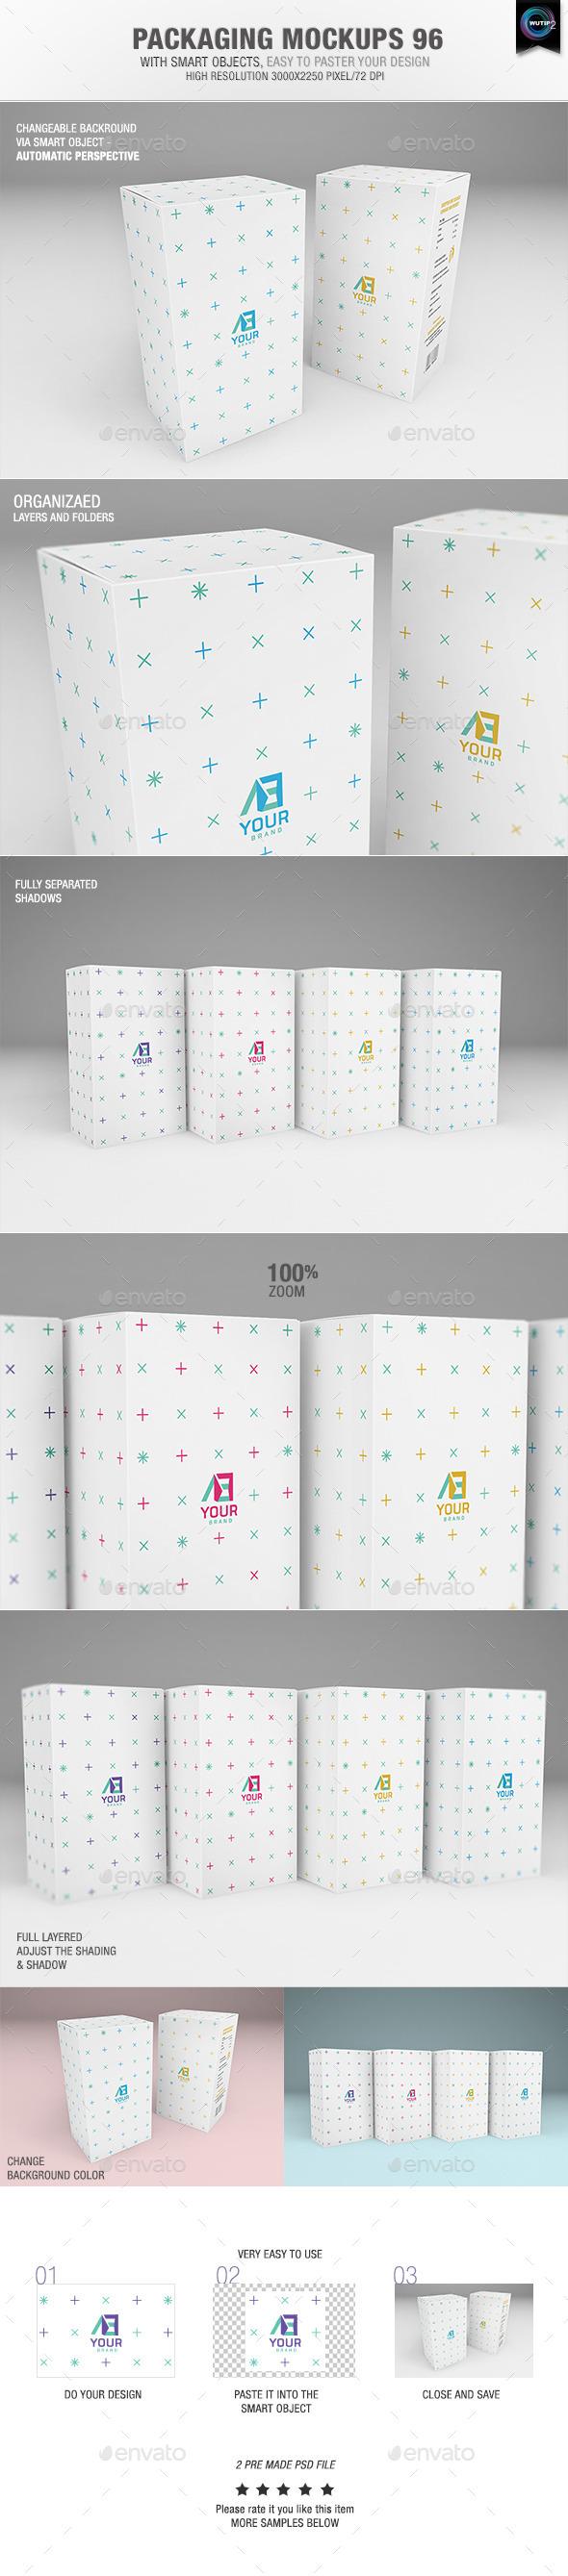 Packaging Mock-ups 96 - Packaging Product Mock-Ups